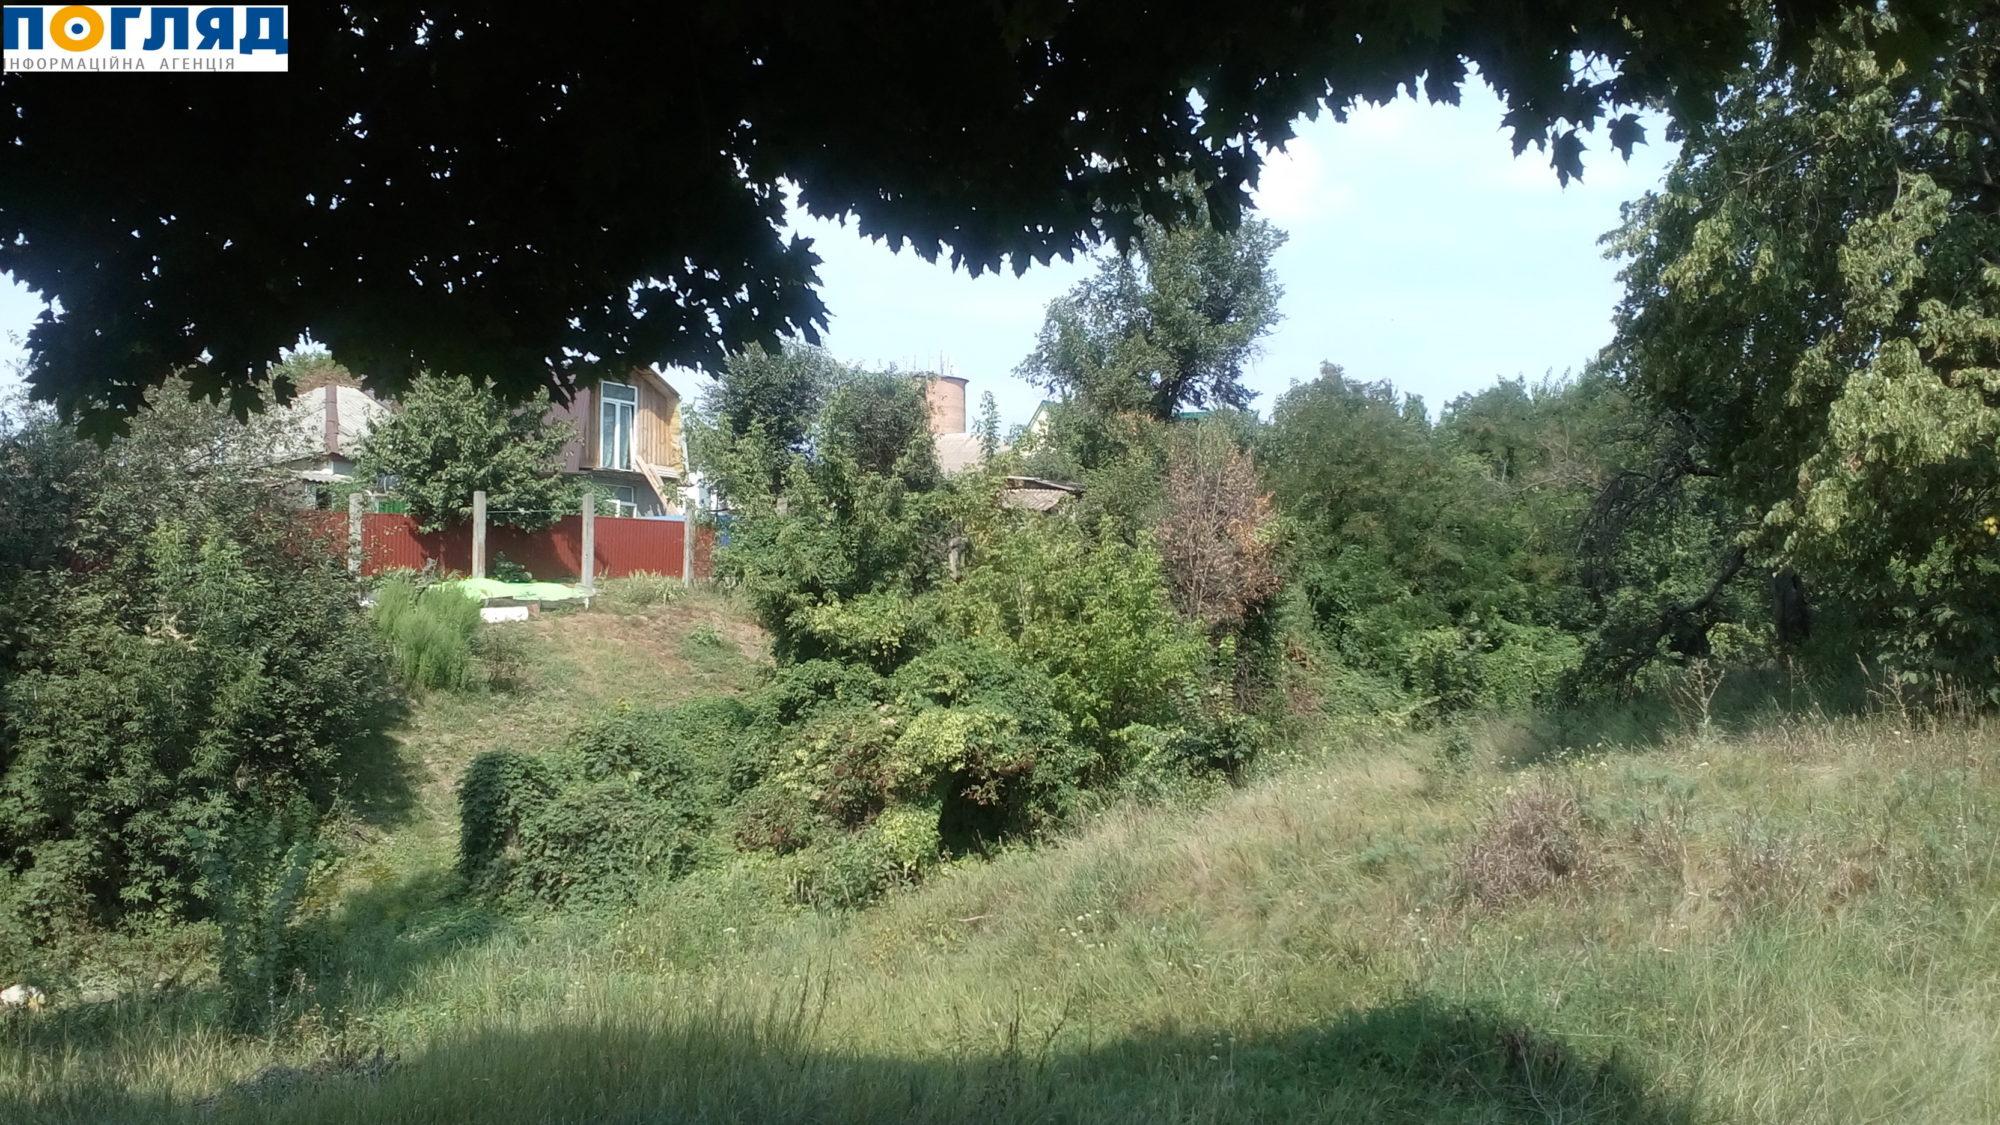 Ковалівський яр у Василькові, де були масово розстріляні євреї під час фашистської окупації